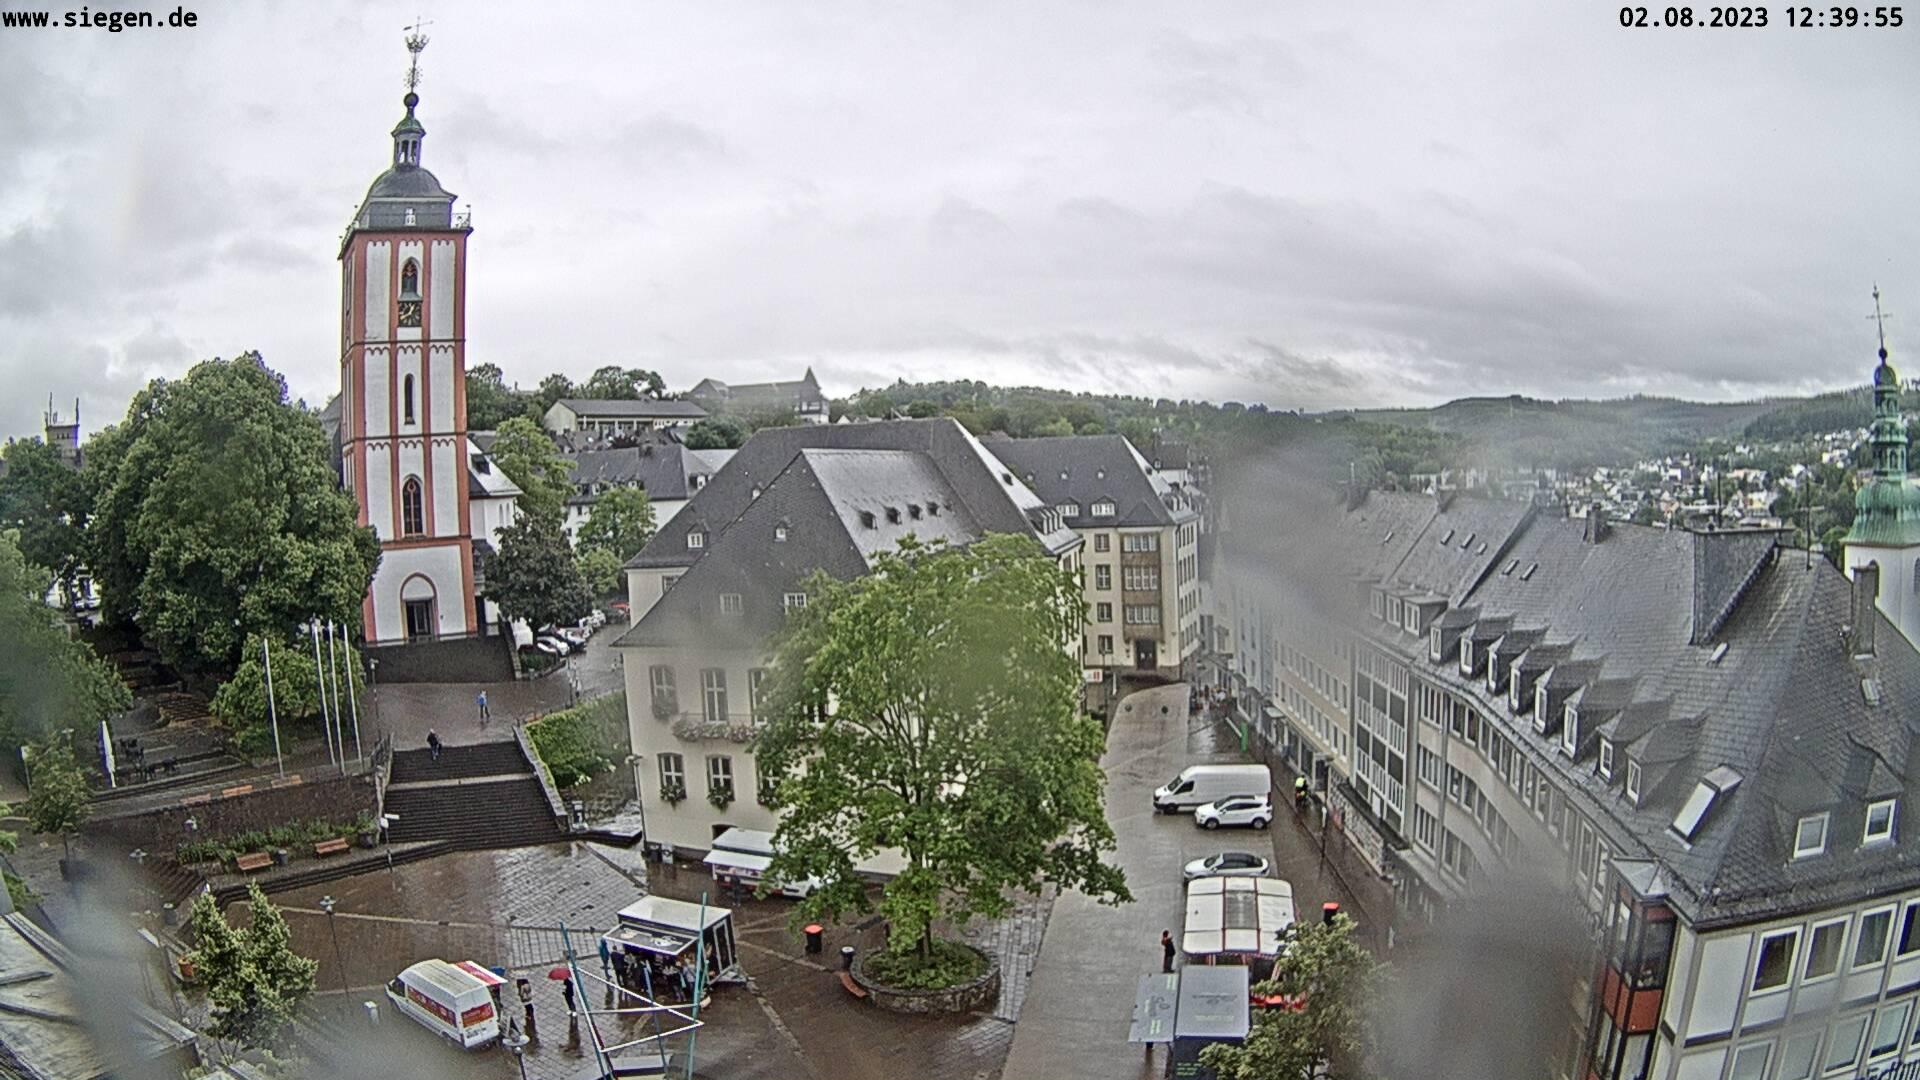 kaffeerausch Info: 'Webcam www.siegen.de'